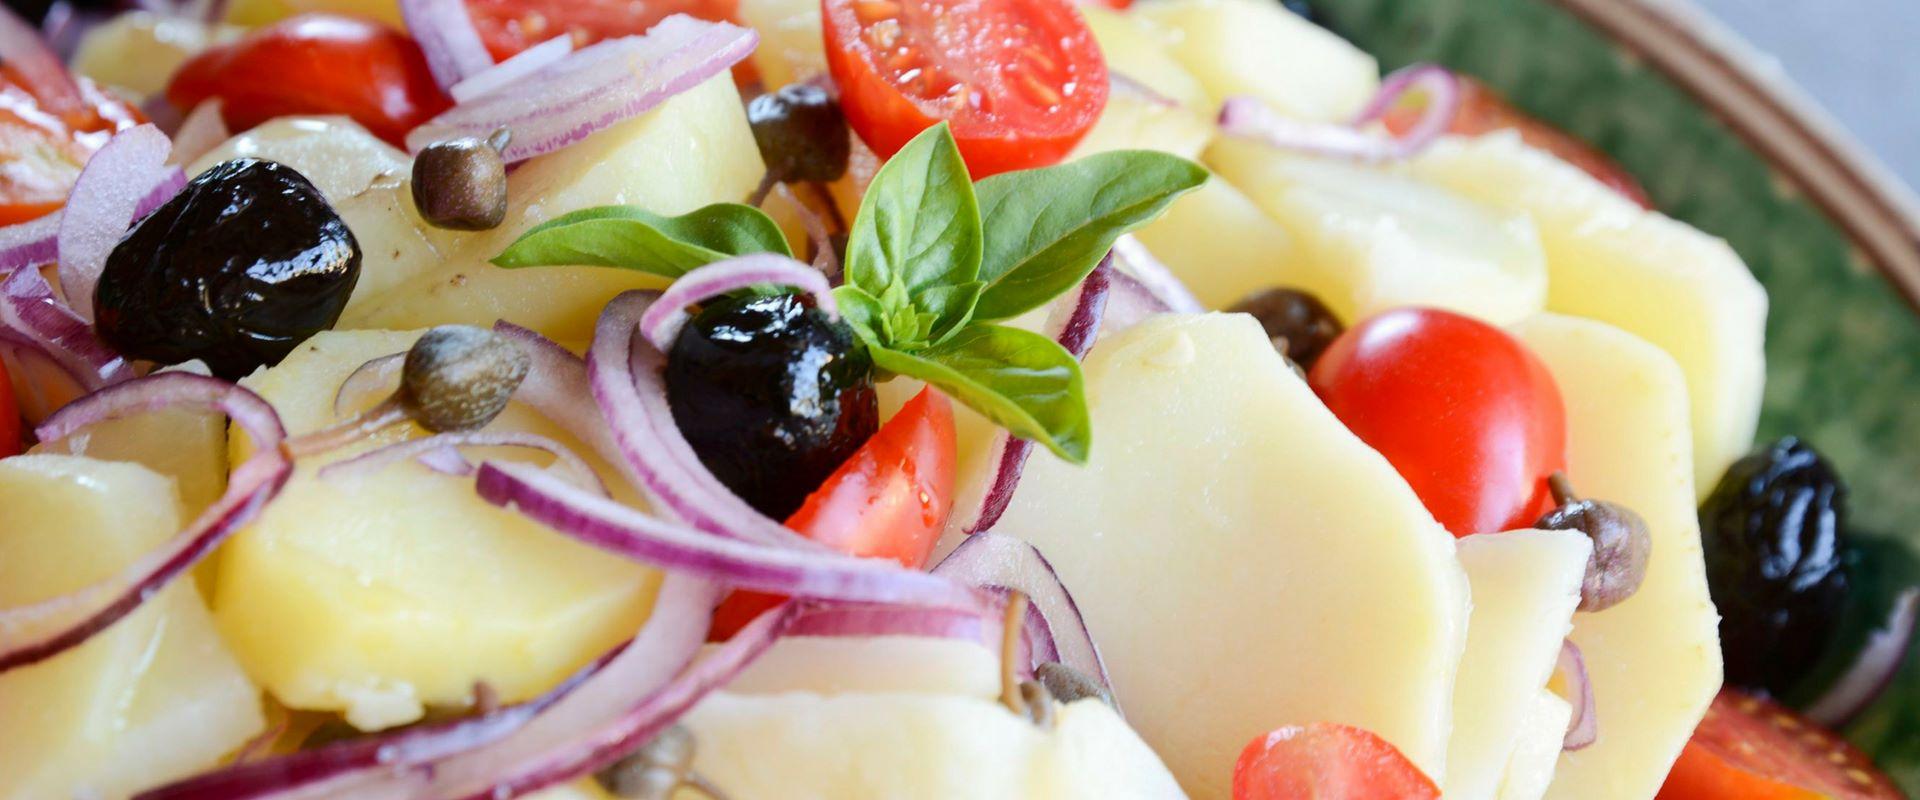 Warzywna sałatka Pantesca